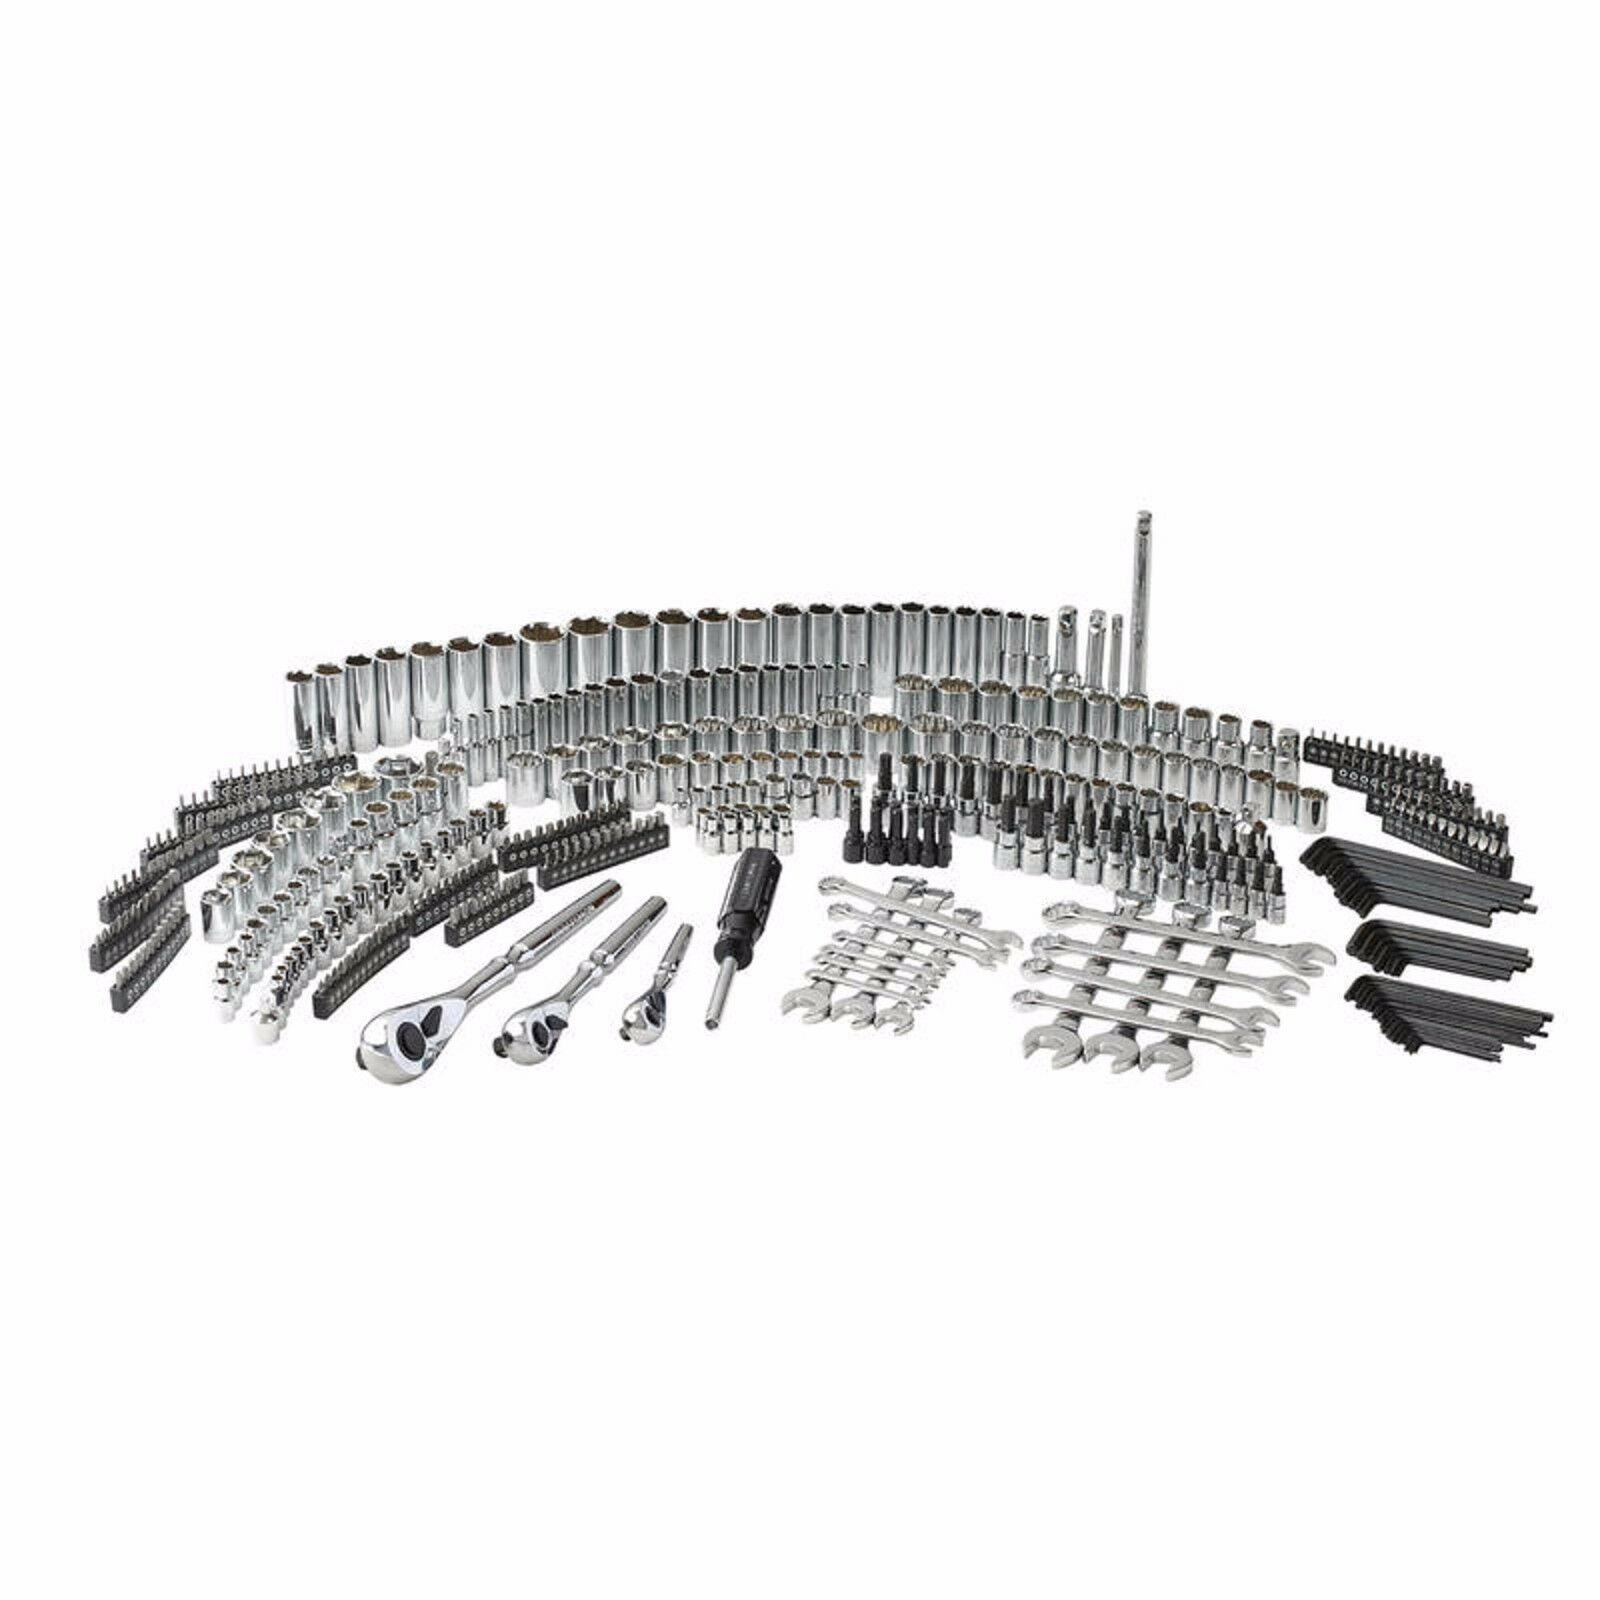 Купить Craftsman 999040 - Craftsman 450 Piece Mechanic's Tool Set With 3 Drawer Case Box # 311 254 230